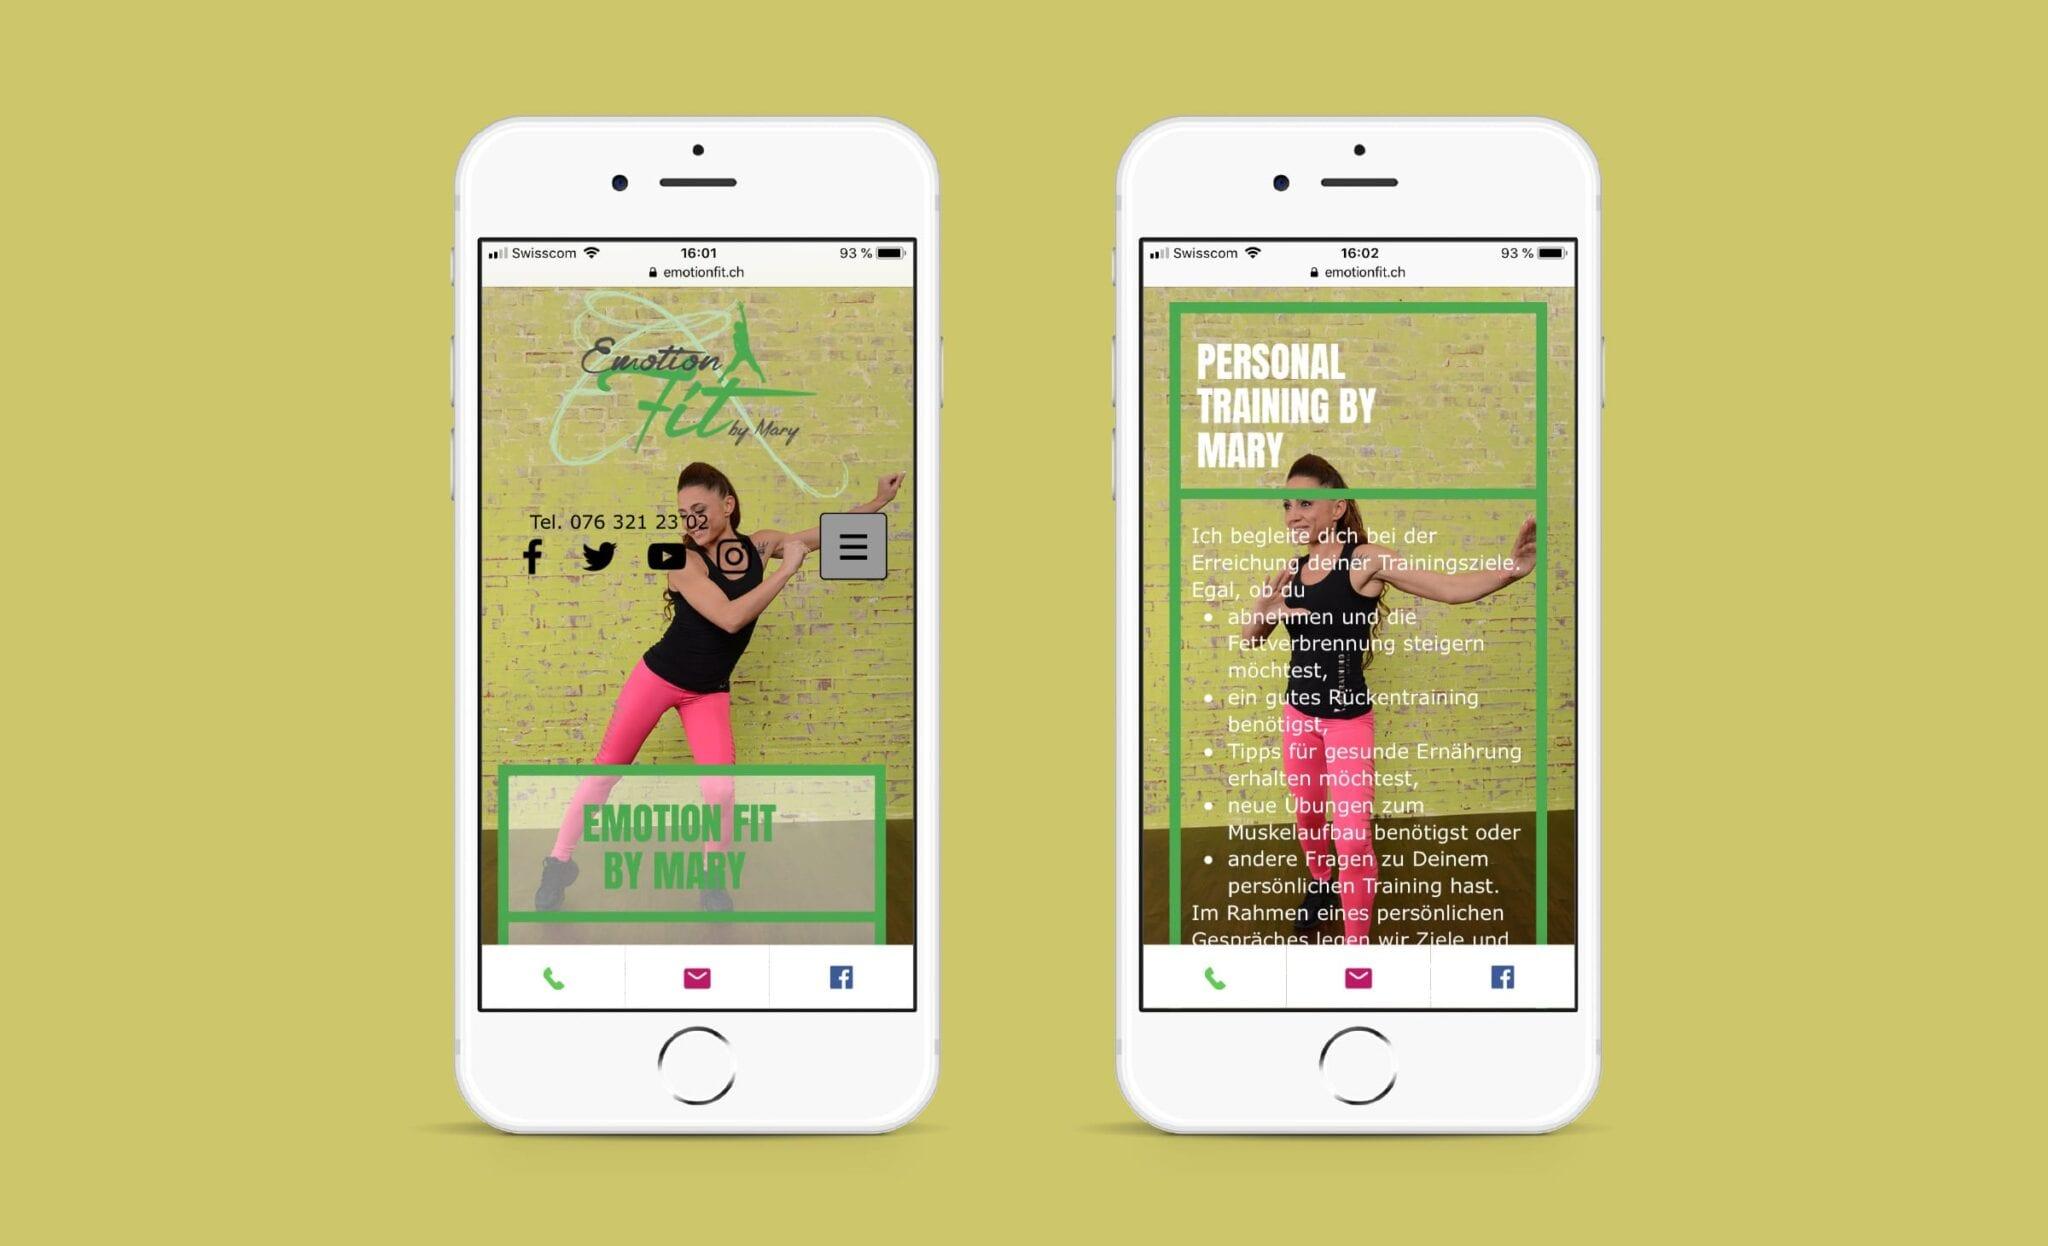 180grad_Emotionfit_Website_mobile